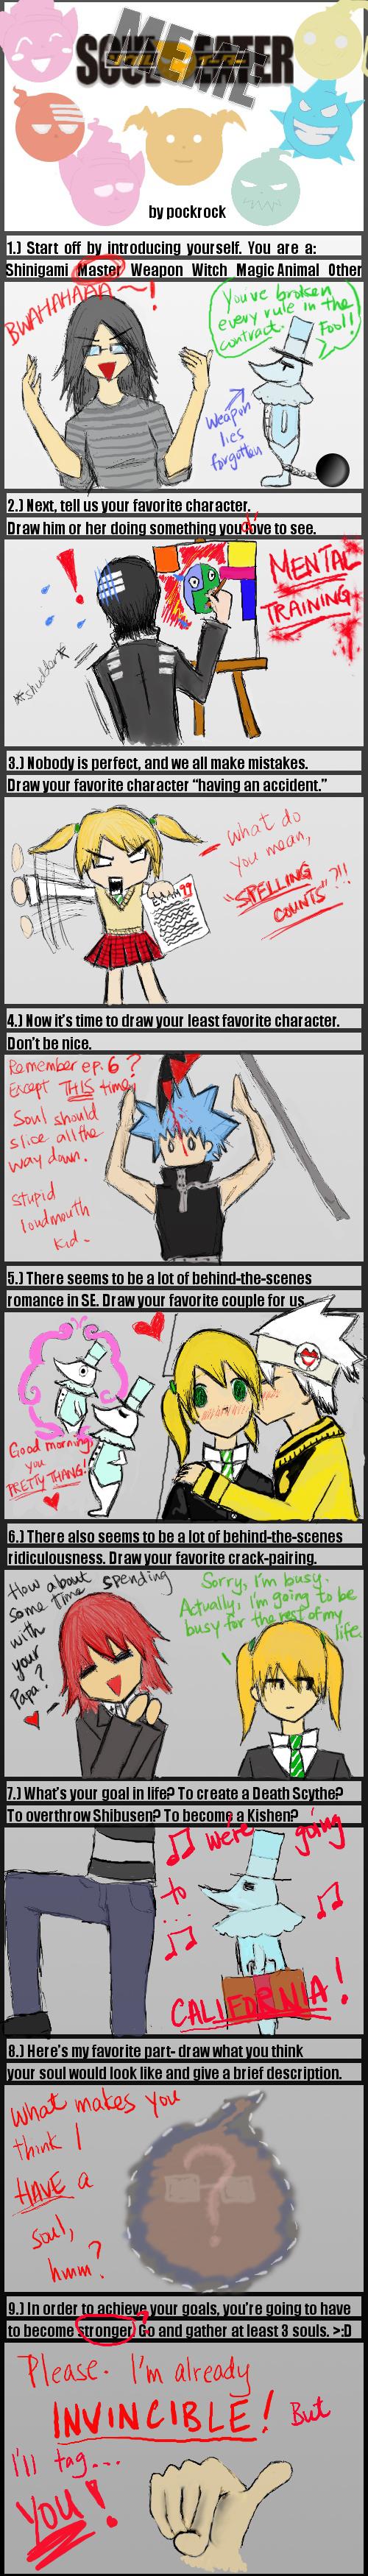 Soul Eater Meme by UnconsciousRoute